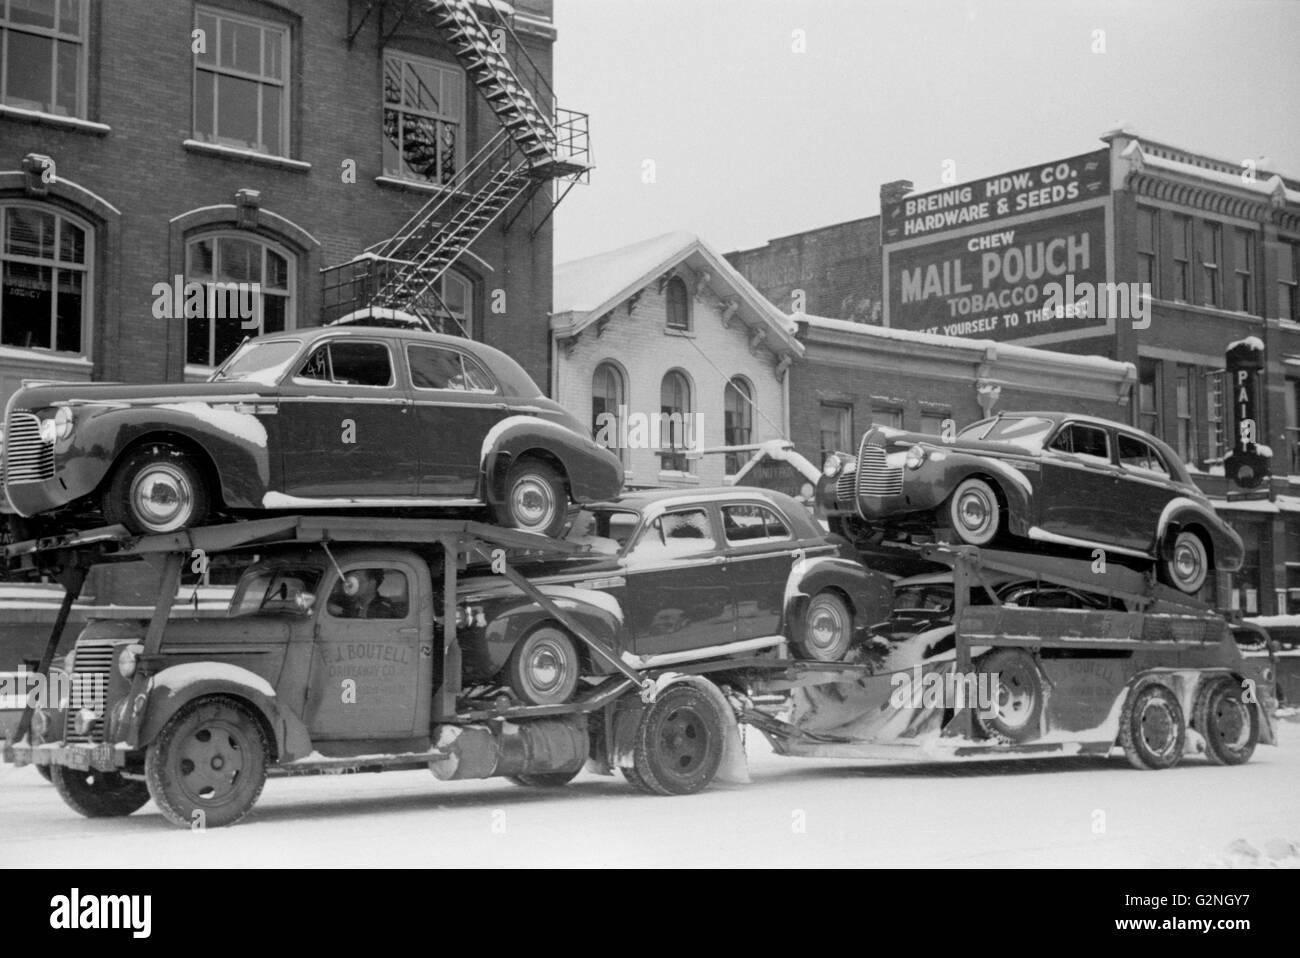 Trasporto Auto, Chillicothe, Ohio, Stati Uniti d'America, Arthur Rothstein per la Farm Security Administration Immagini Stock